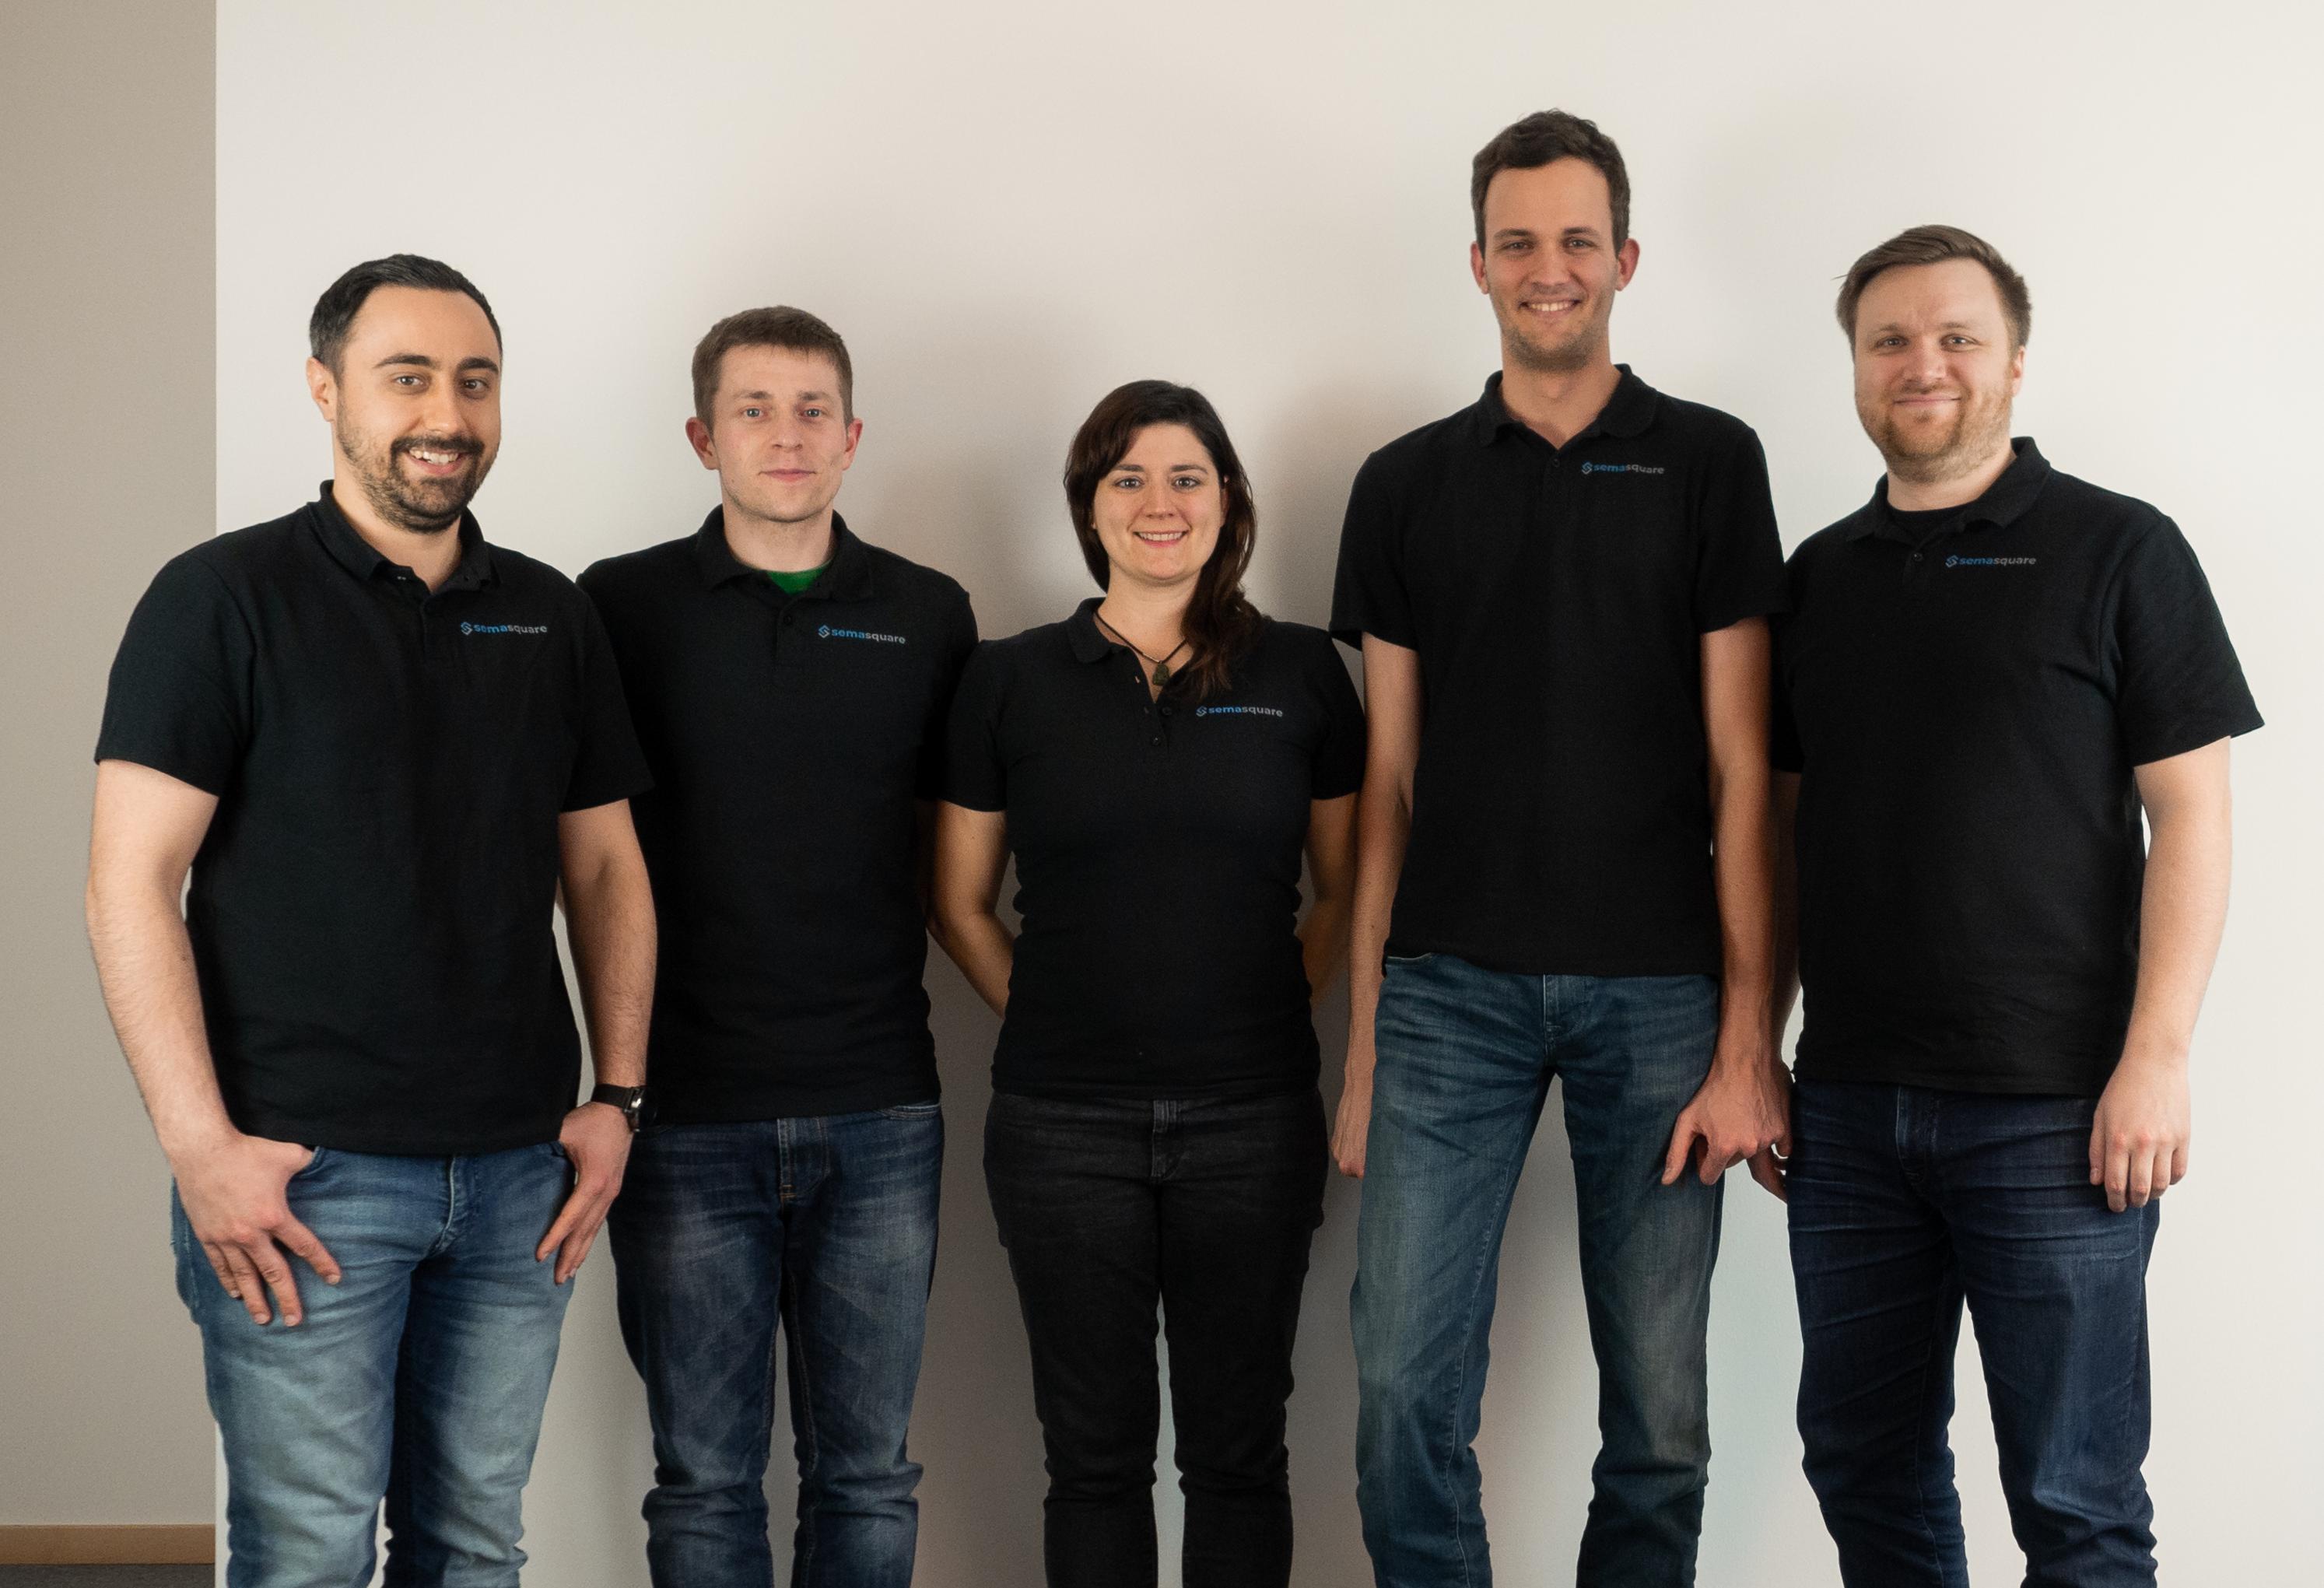 Das Team von semasquare. (Bild: semasquare).